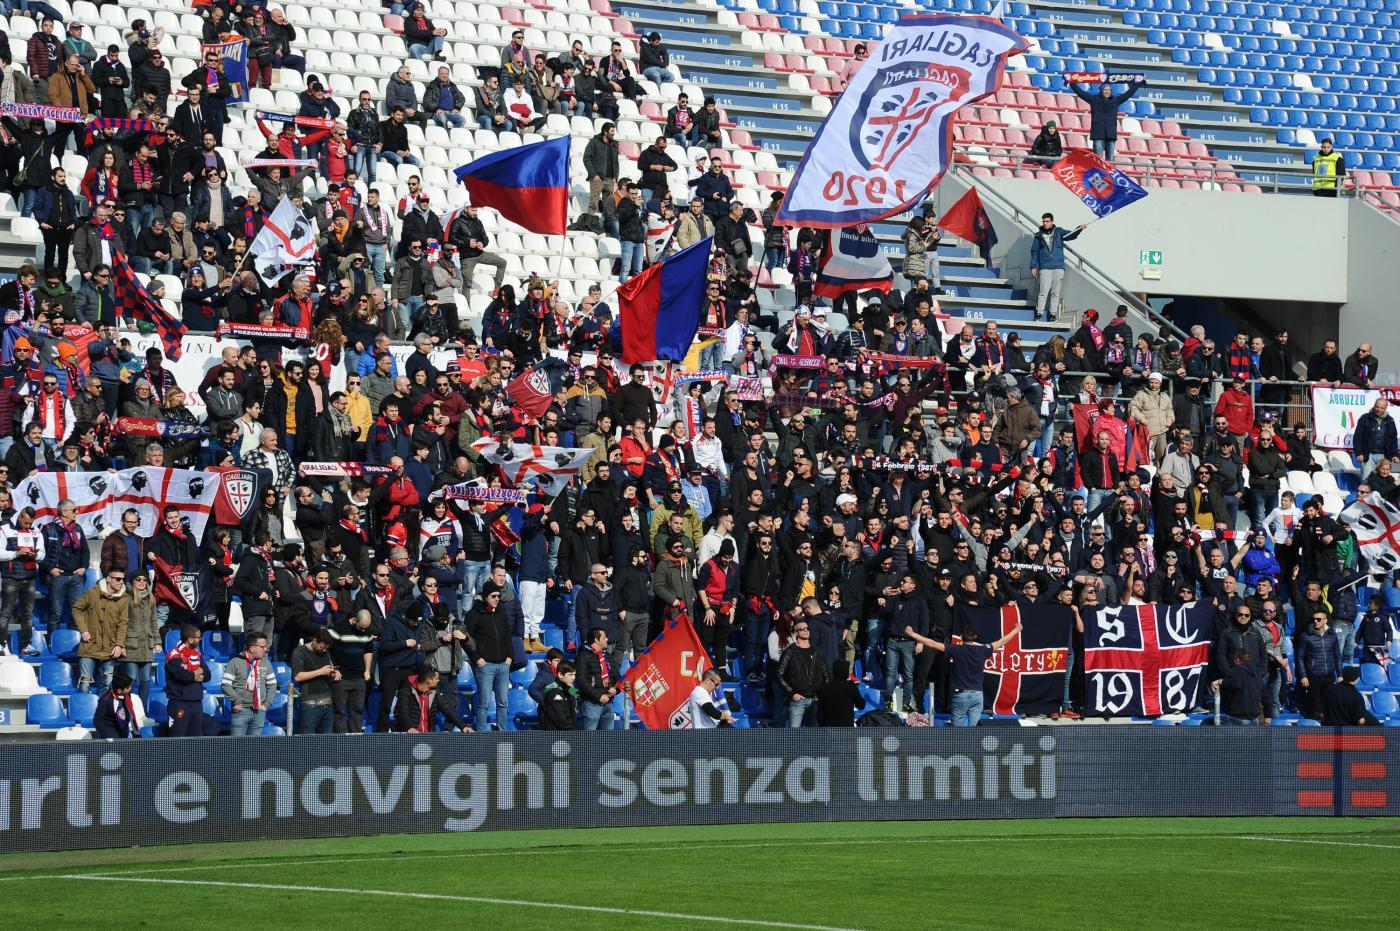 Cagliari-Udinese 14 aprile, analisi e pronostico serie A giornata 32